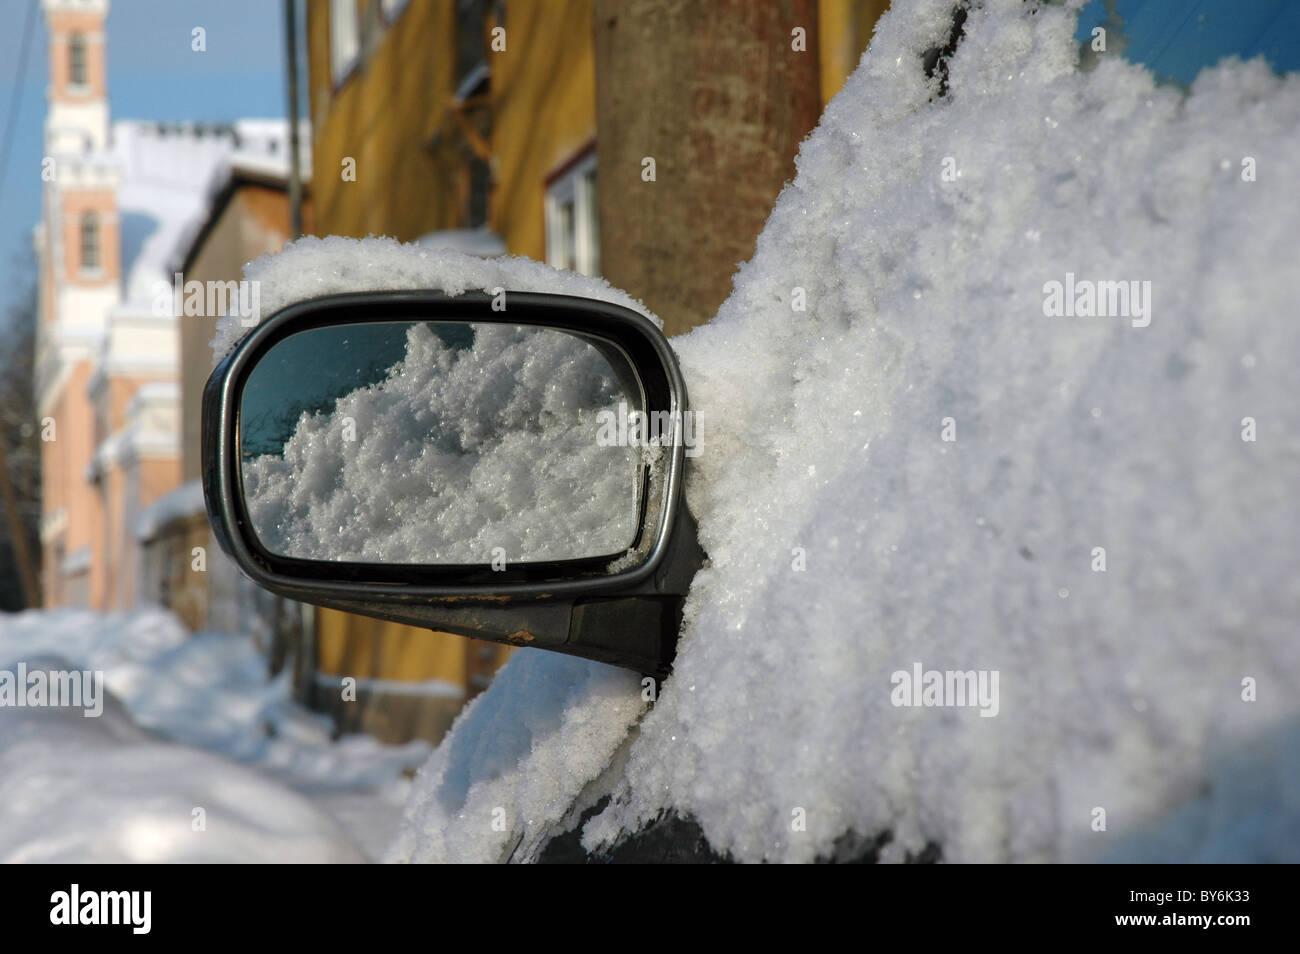 Coche con sidemirror cubiertos de nieve en invierno en el tatu, Estonia Imagen De Stock